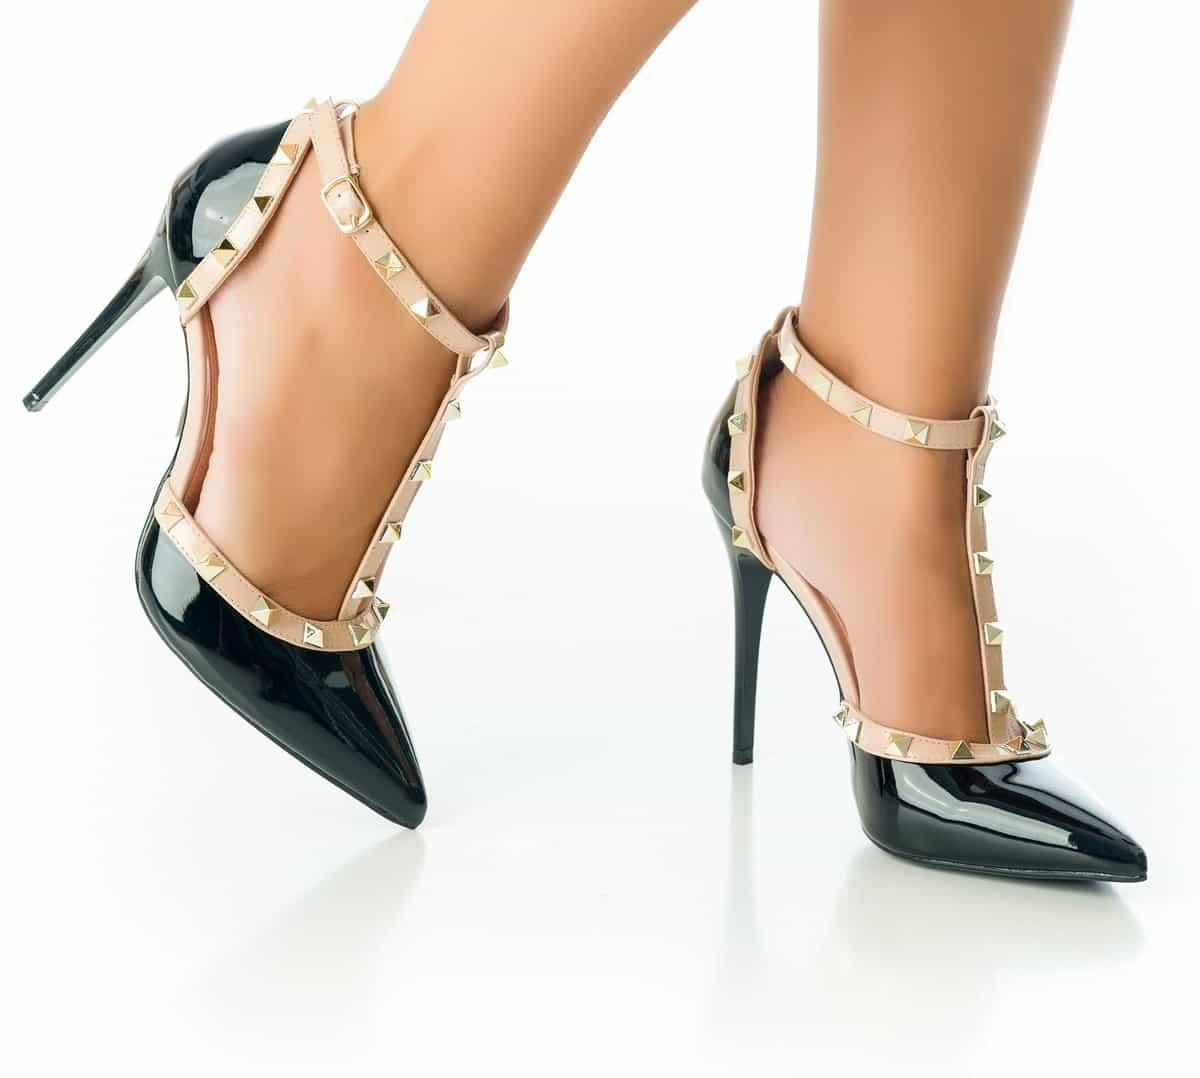 5c710df7 ... de precios entre un calzado de marca nacional y uno traído desde el  otro lado de la frontera. Ahora bien, la pregunta es, ¿se pueden vender  zapatos ...